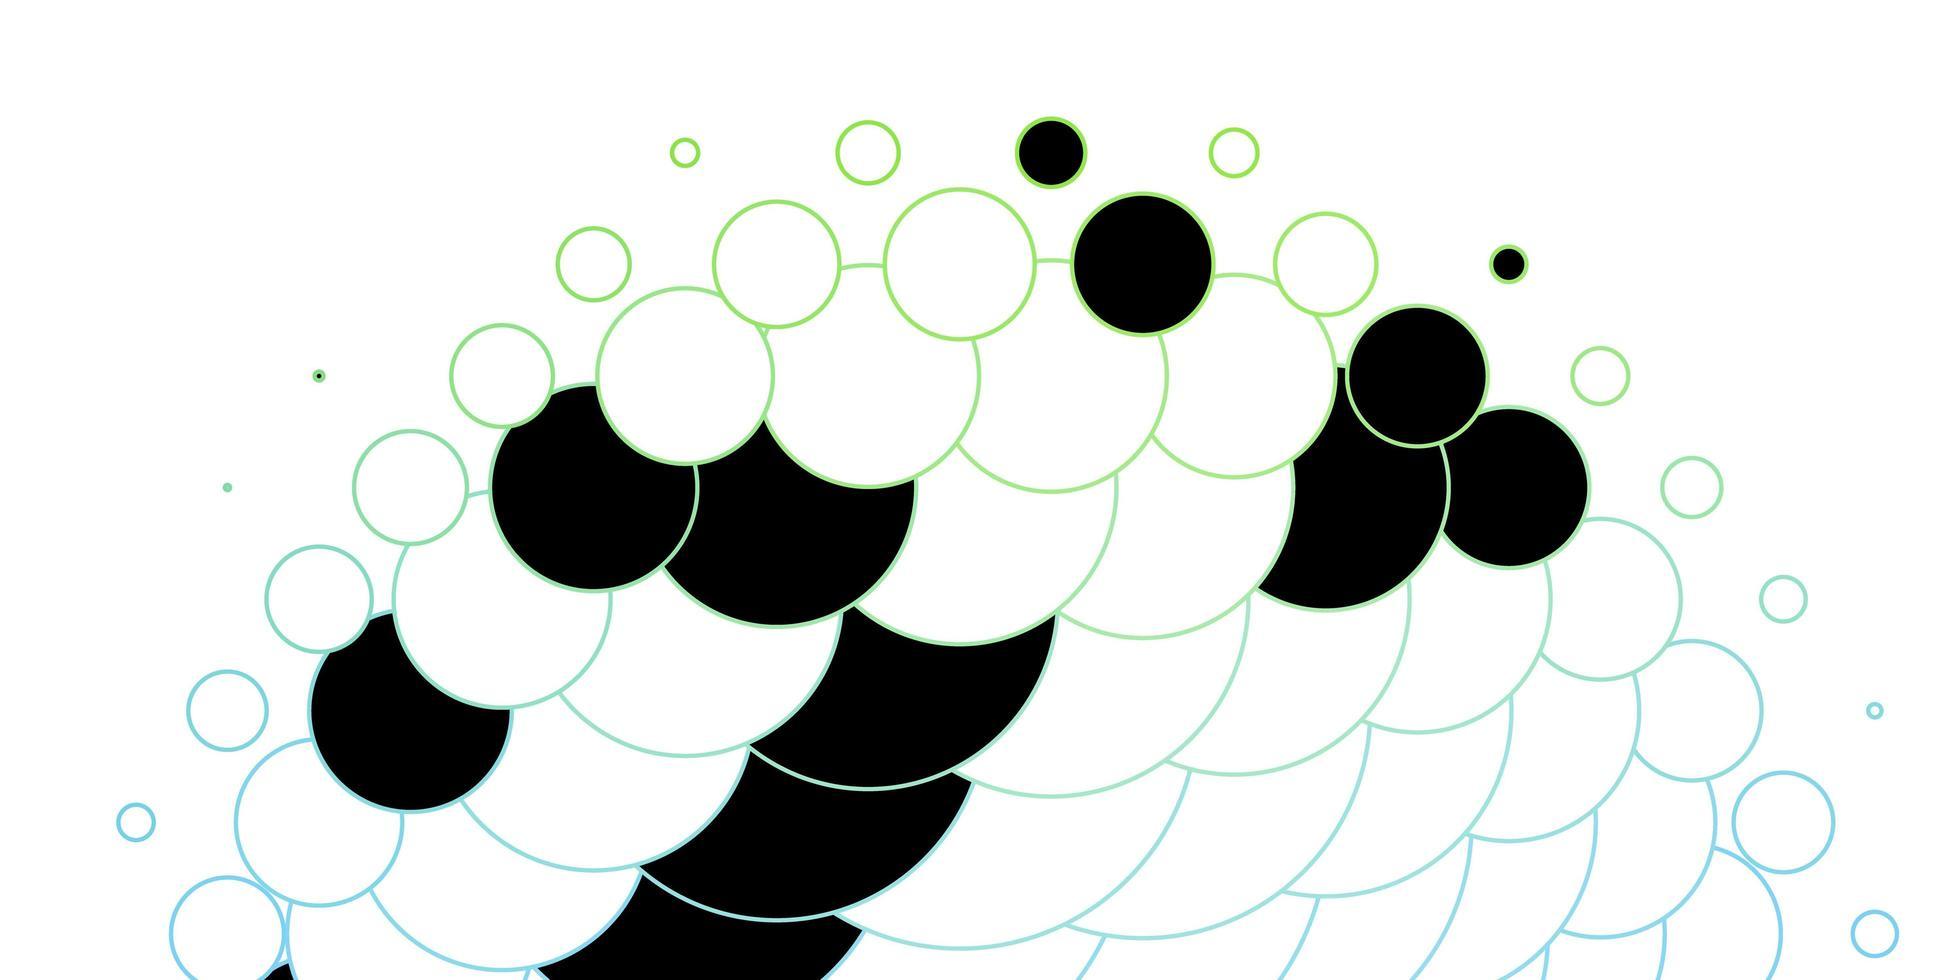 donkerblauwe, groene vectorachtergrond met cirkels. vector